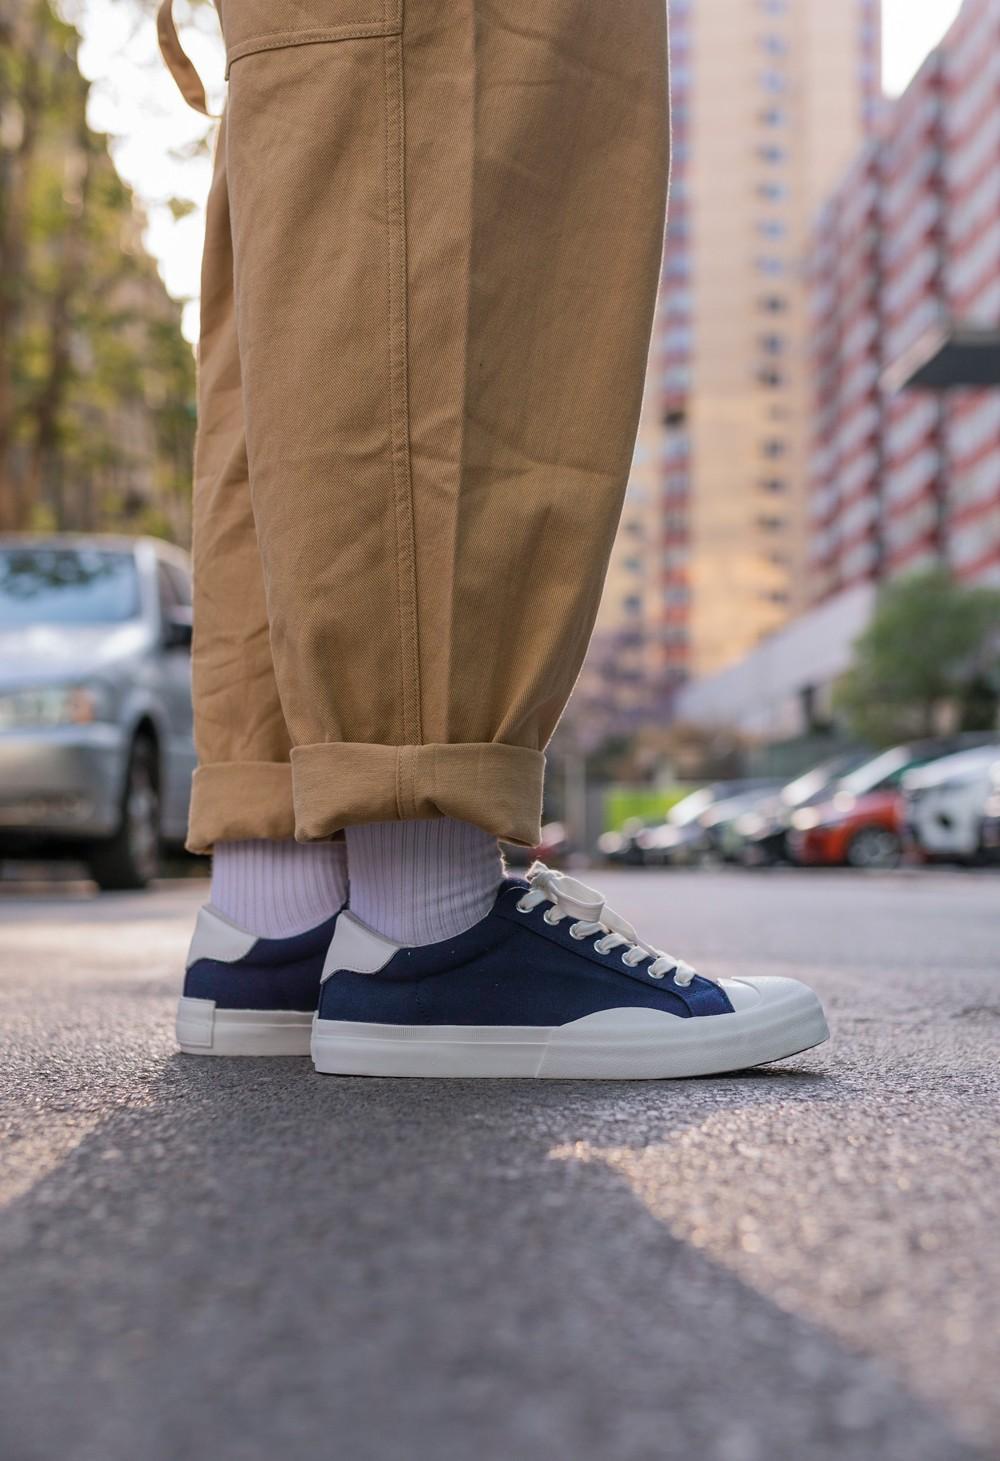 半夜,突然,上架,「,国潮,天花板,」,的,第,  半夜突然上架!「国潮天花板」的第一双鞋来了!还挺好穿!